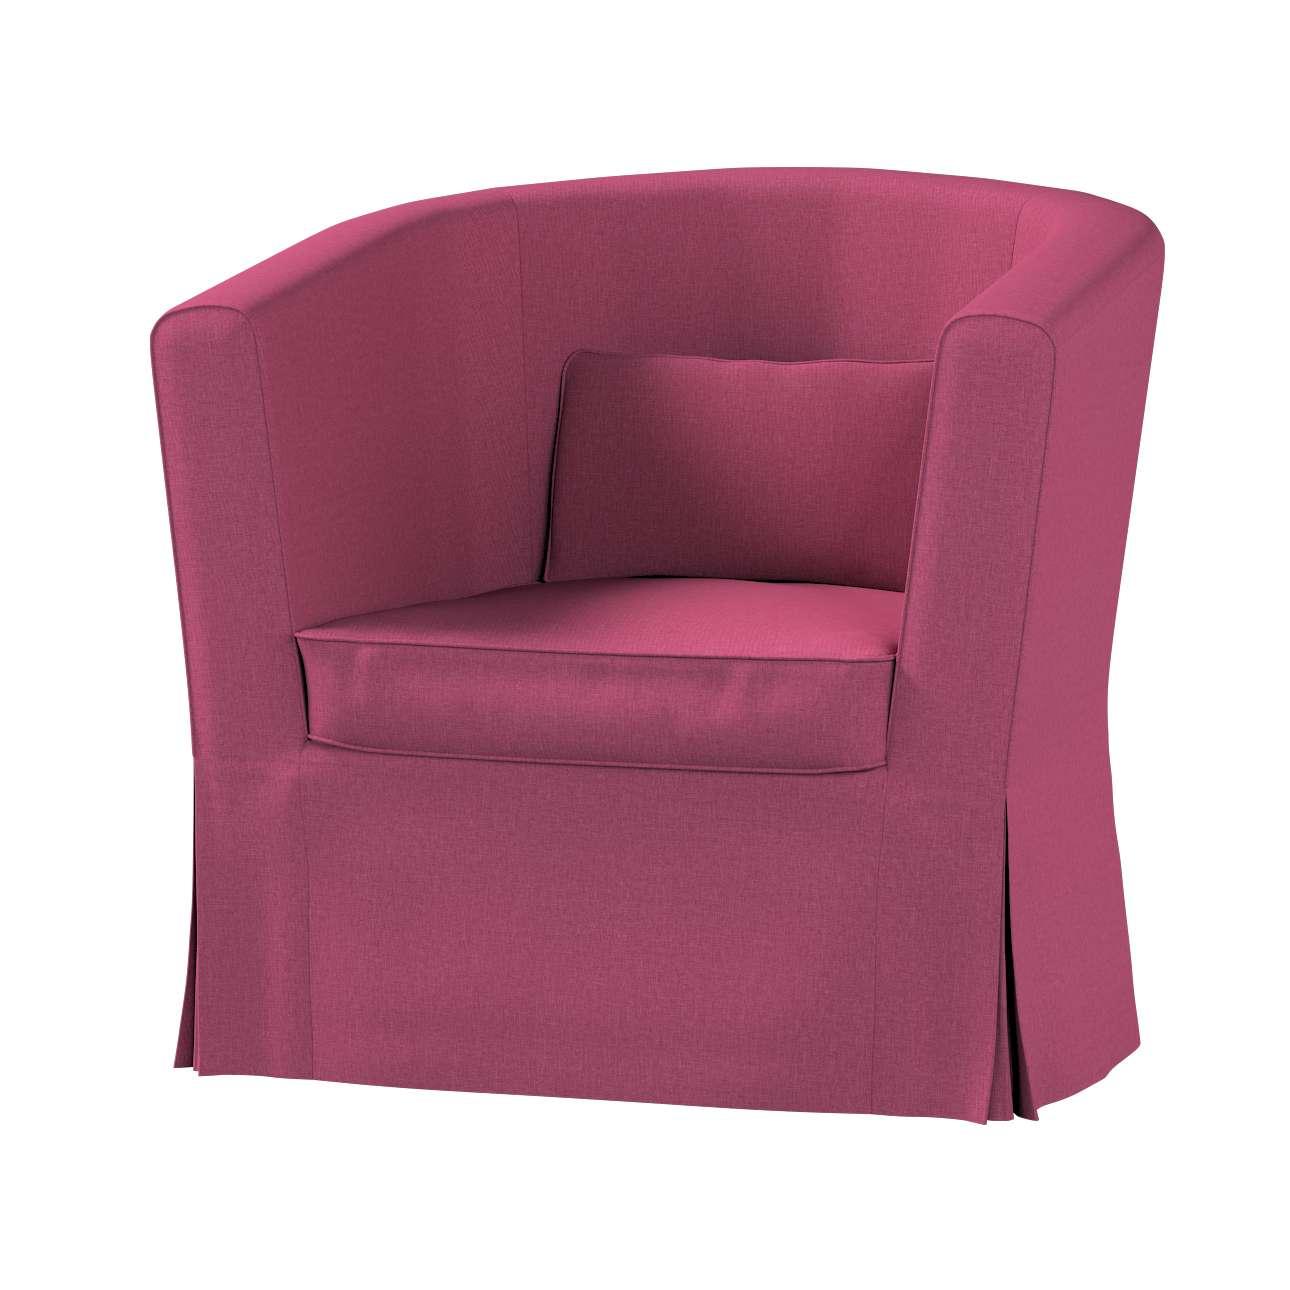 Pokrowiec na fotel Ektorp Tullsta w kolekcji Living, tkanina: 160-44